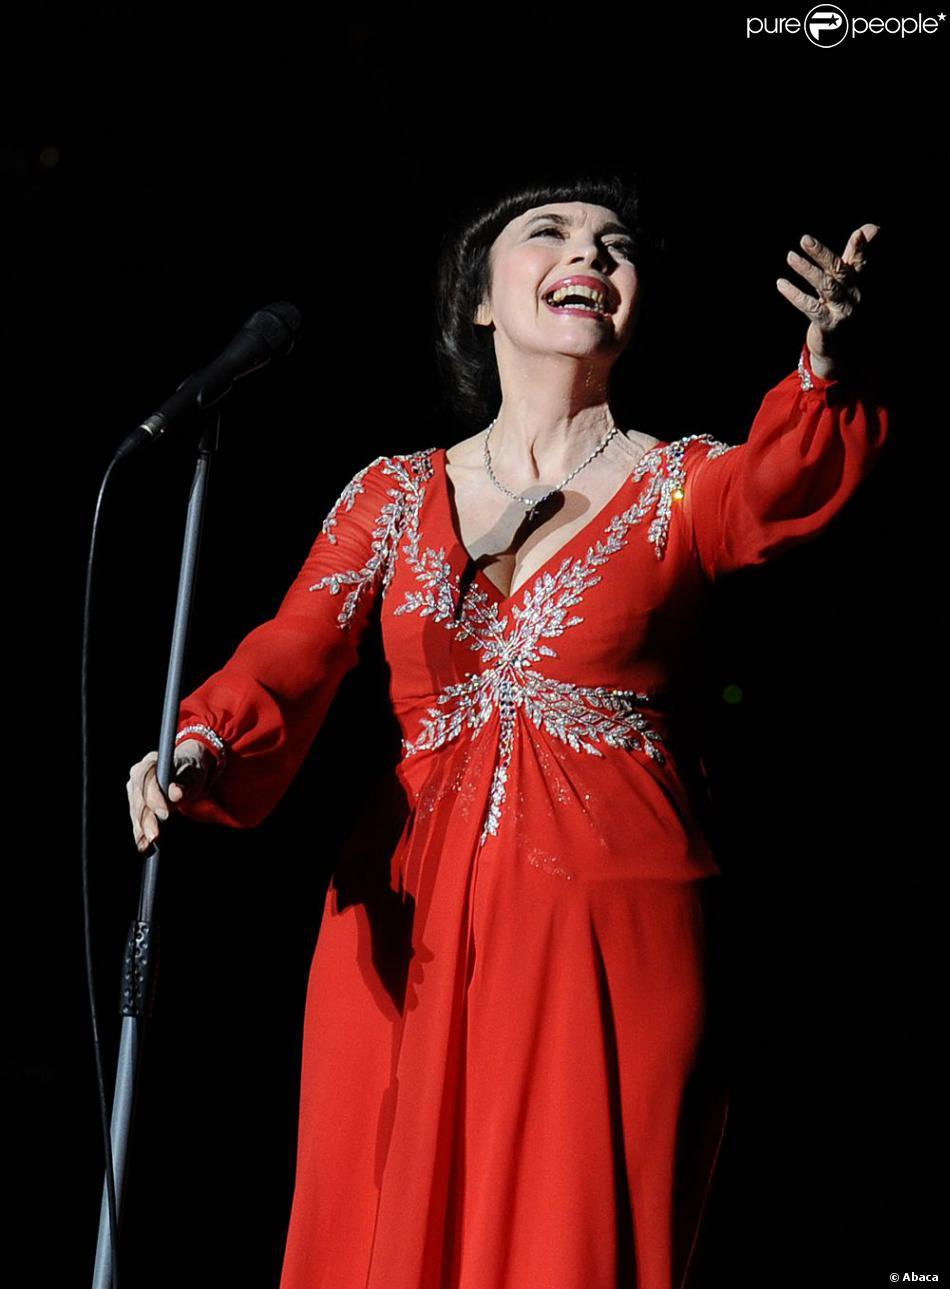 Mireille Mathieu en concert exceptionnel au Kremlin à Moscou, le 3 novembre 2012.